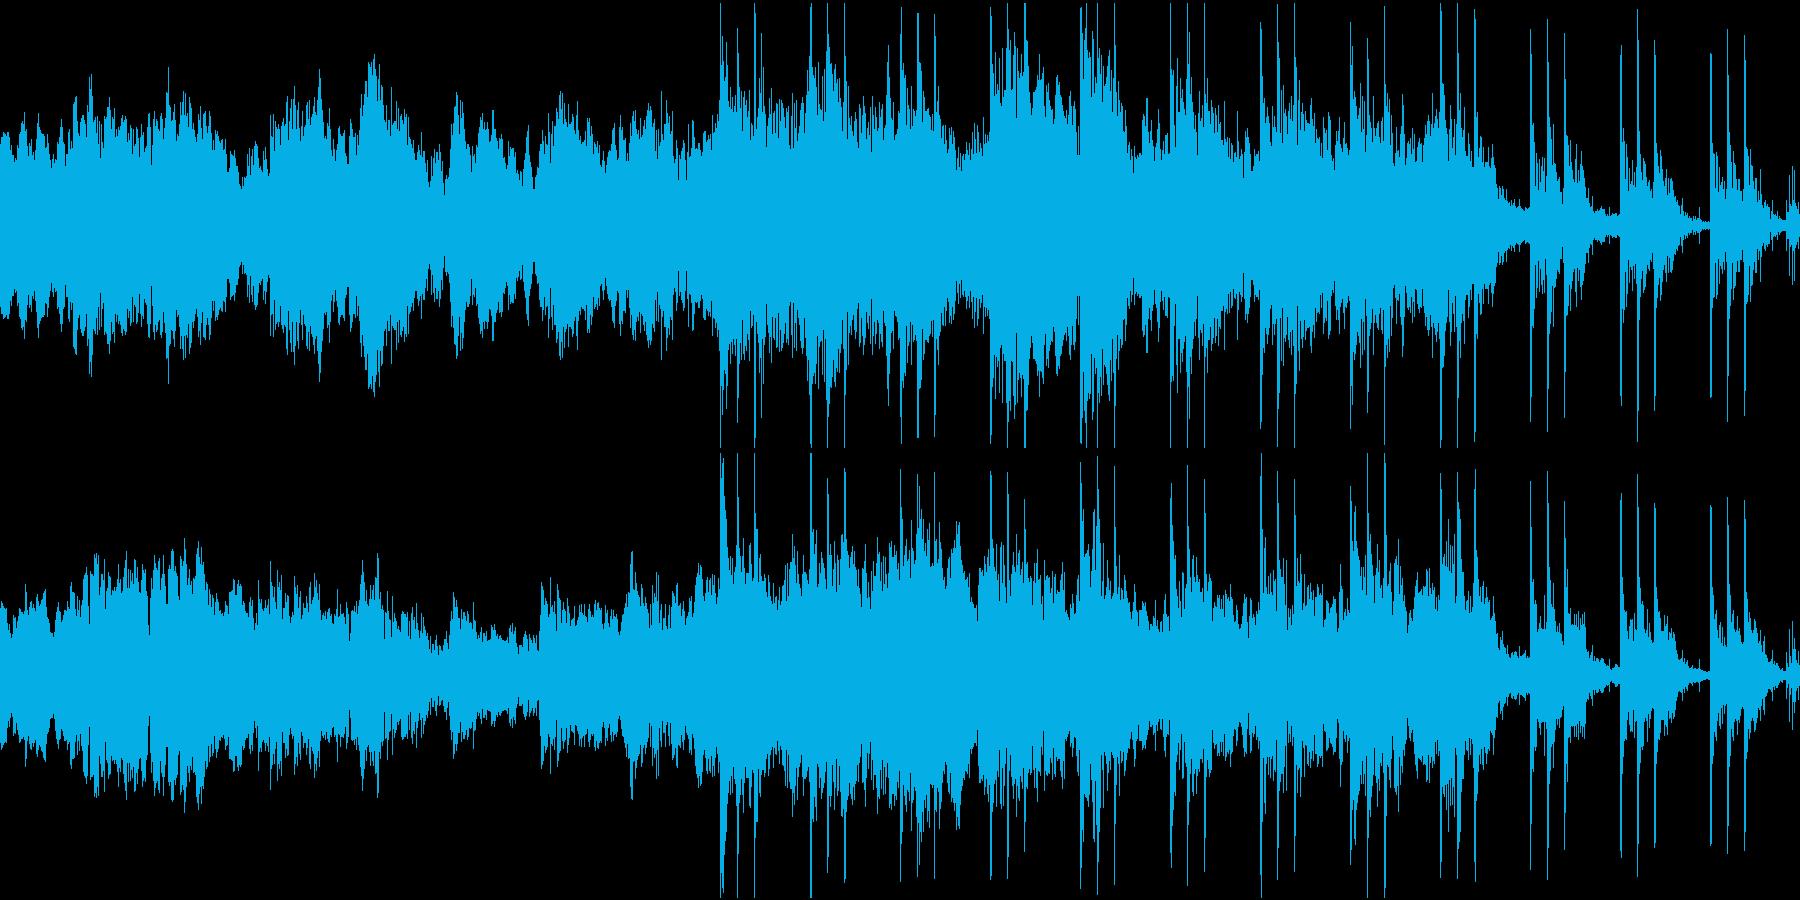 アンビエント 秘密 迷宮 謎 不思議LPの再生済みの波形